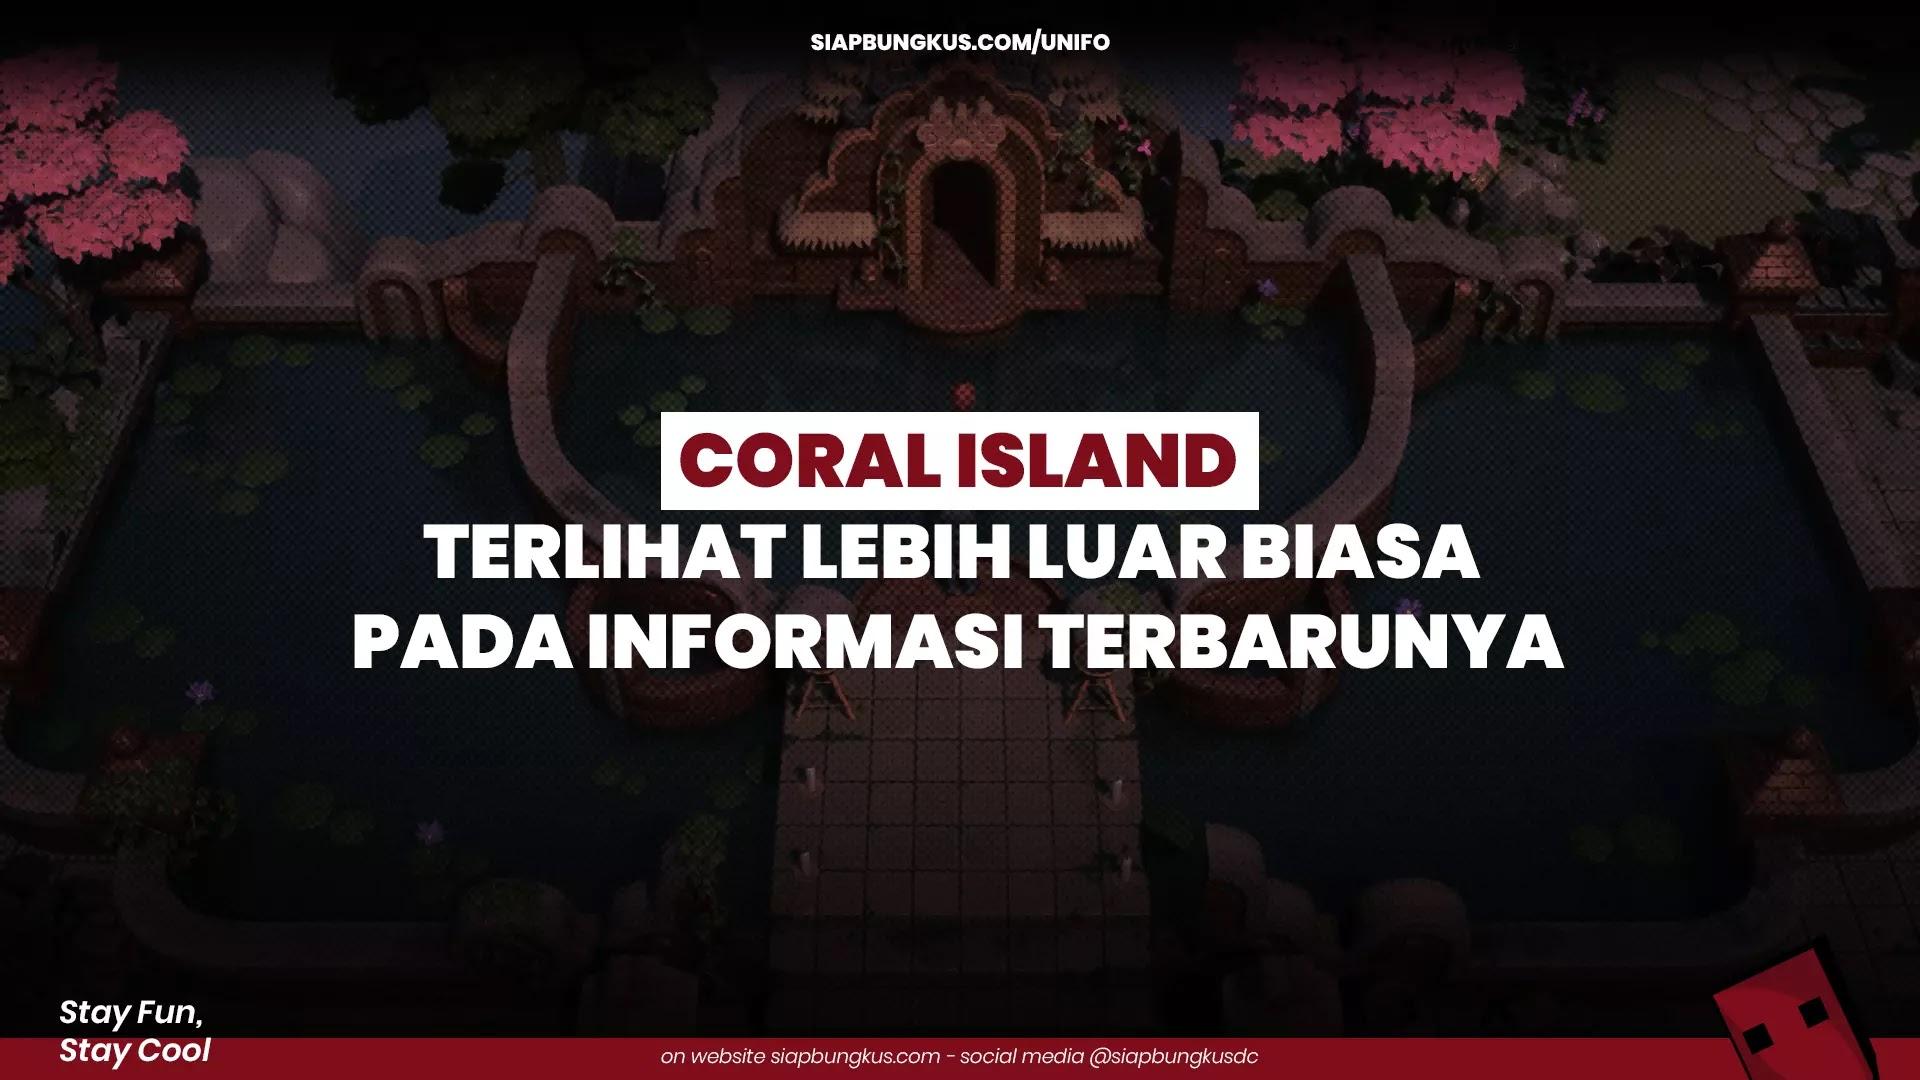 Coral Island Terlihat Lebih Luar Biasa Pada Informasi Terbarunya